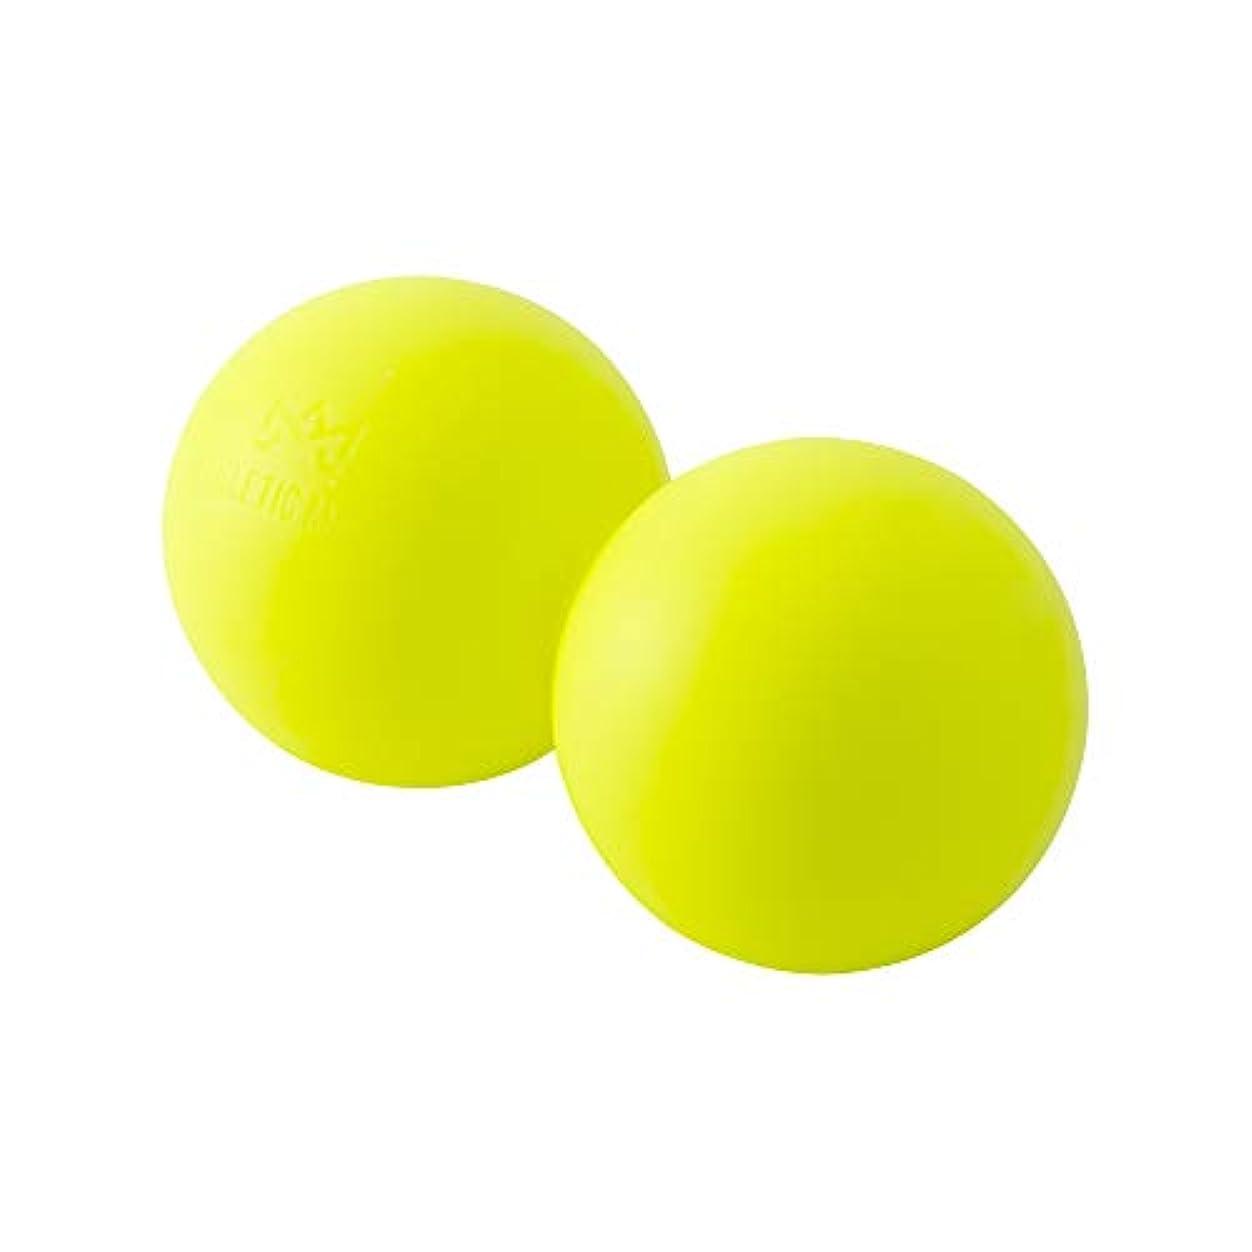 軍スポーツマン保育園ATHLETIC MART ピーナッツ型ストレッチボール マッサージボール ラクロスボール2個サイズ ツボ押し (蛍光イエロー)